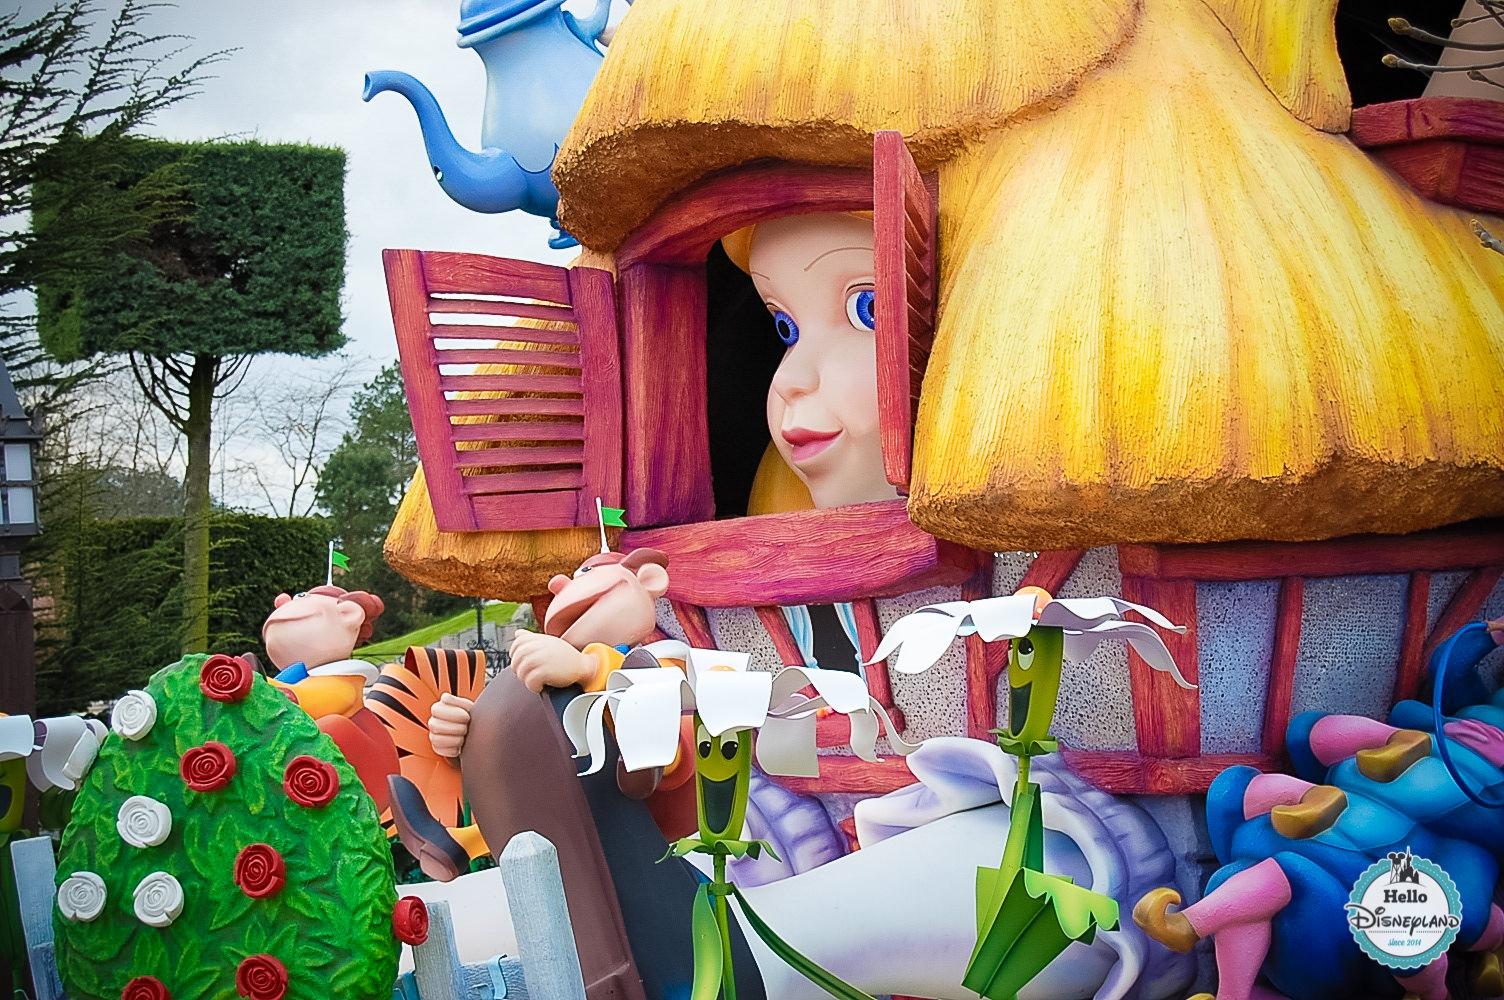 Disney Once Upon a Dream Parade - Disneyland Paris -3